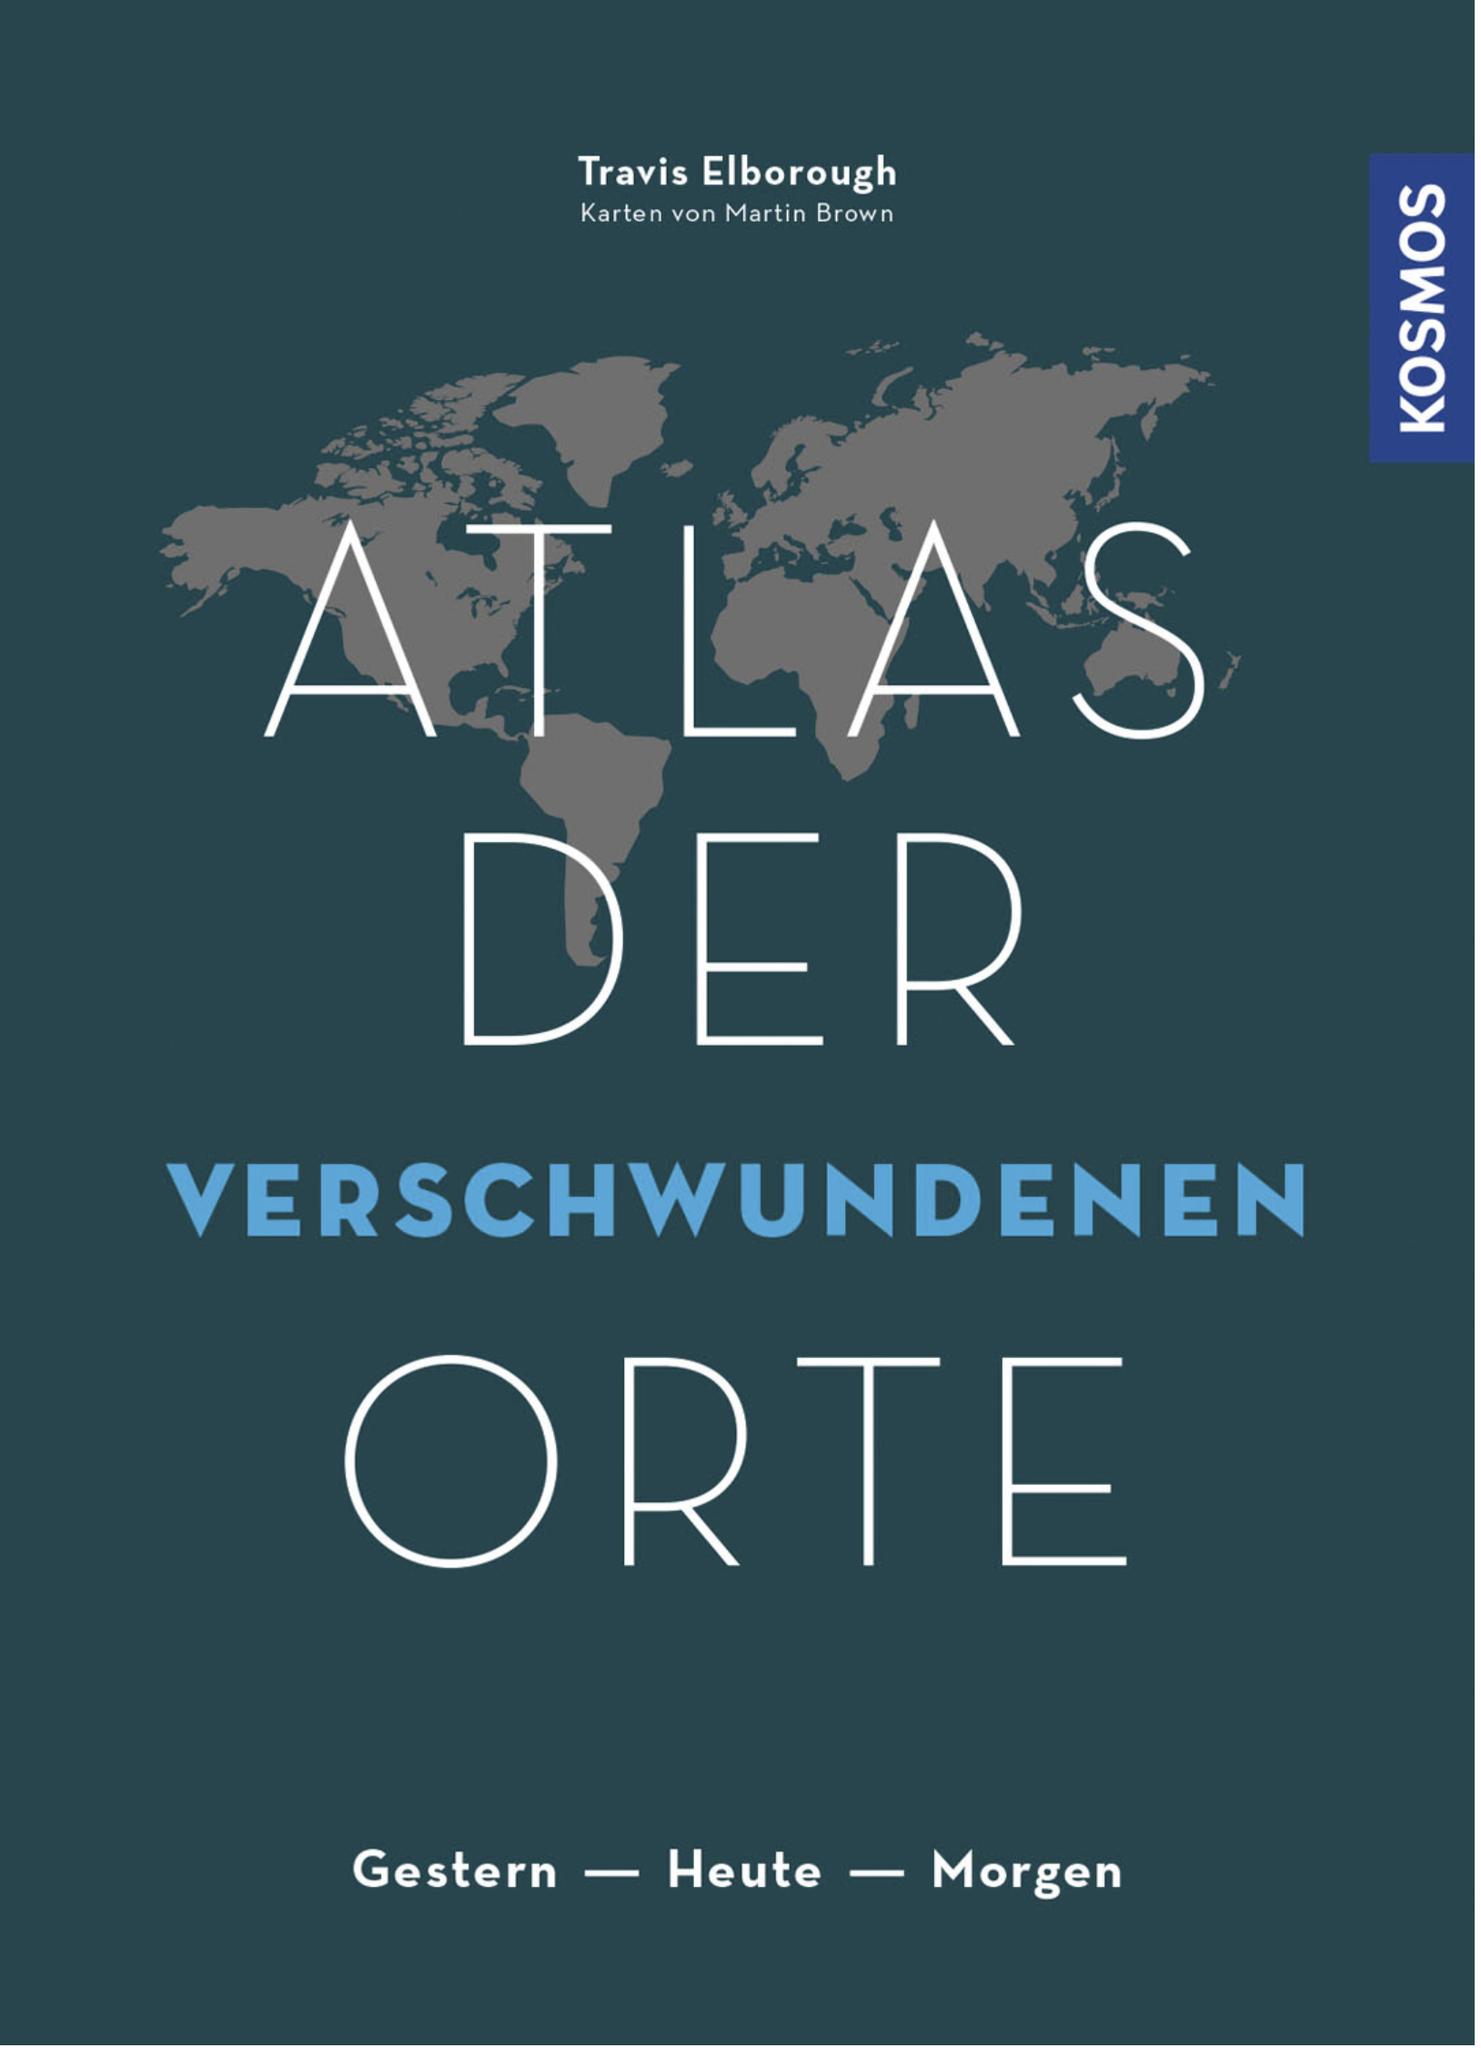 Übersetzung aus dem Englischen + Satz in InDesign, 2019 (Franck-Kosmos Verlag)